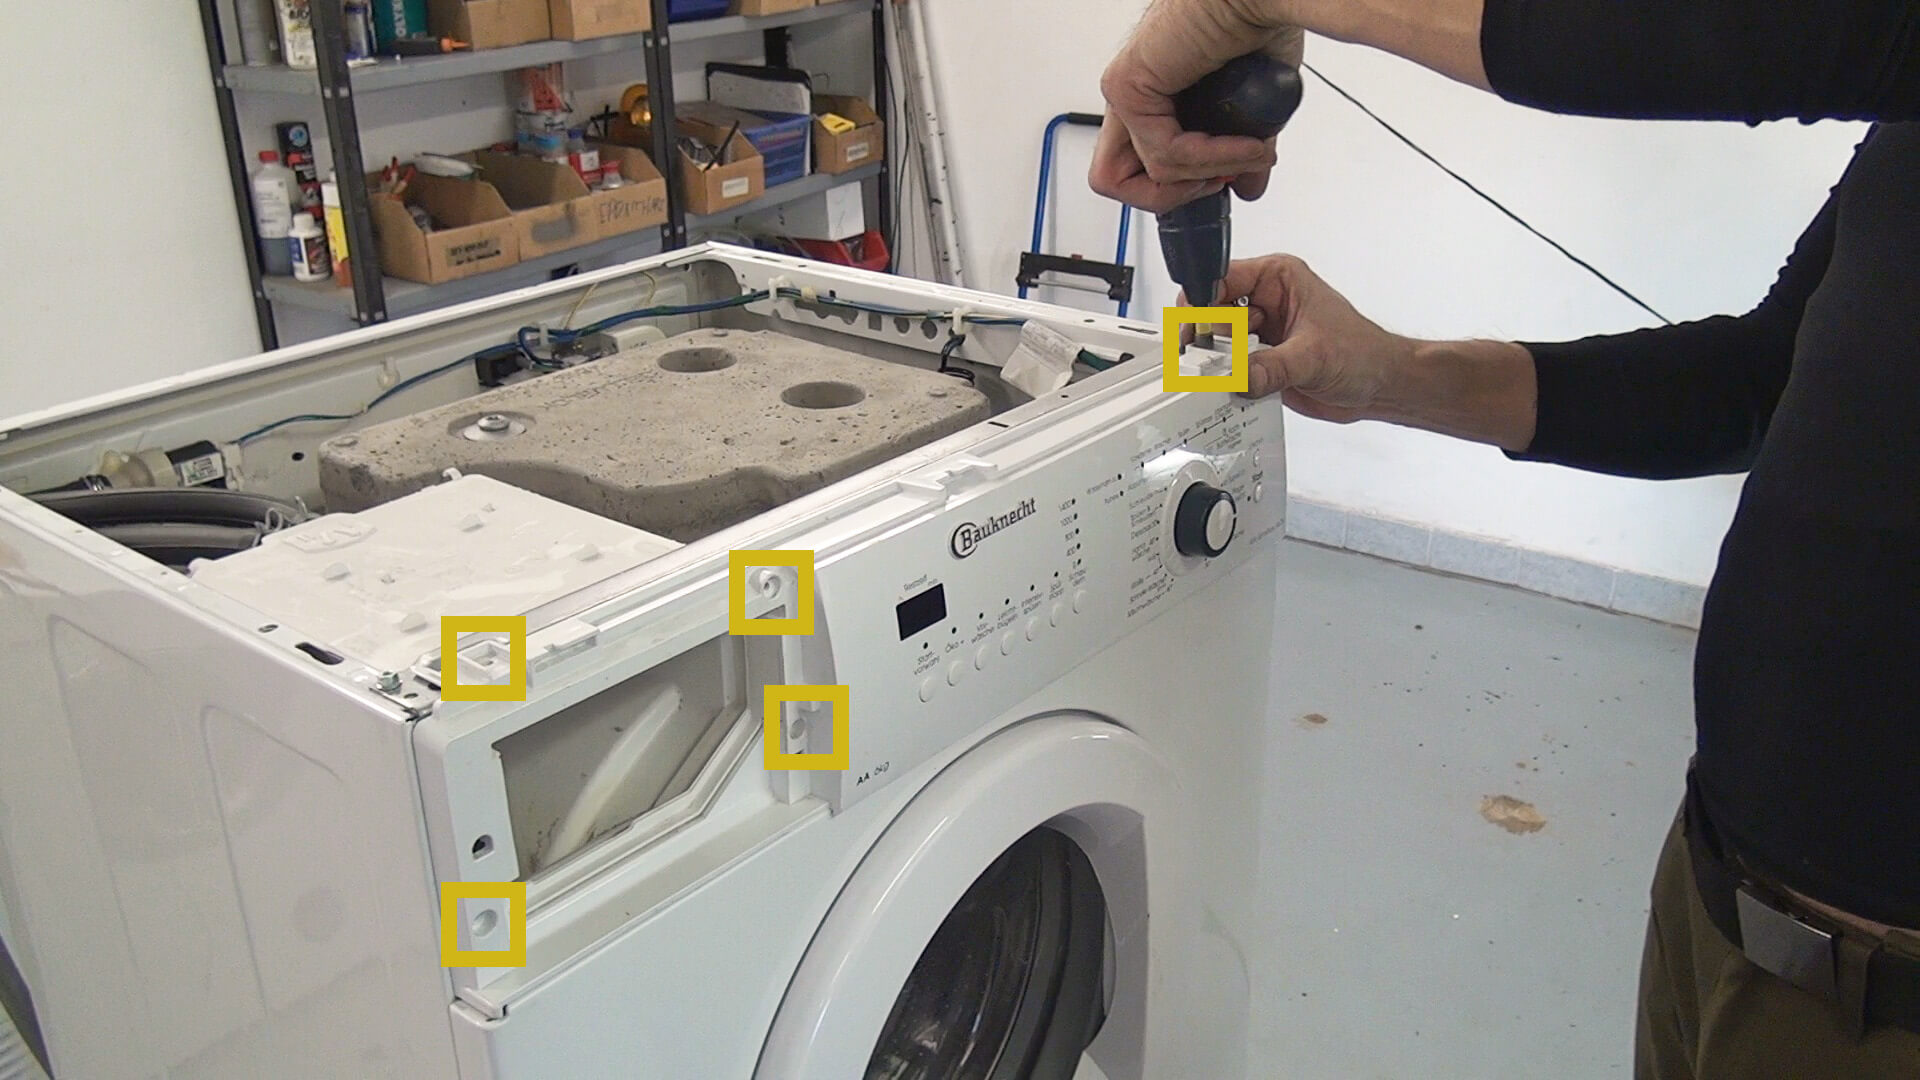 Bauknecht Waschmaschine geht nicht mehr an